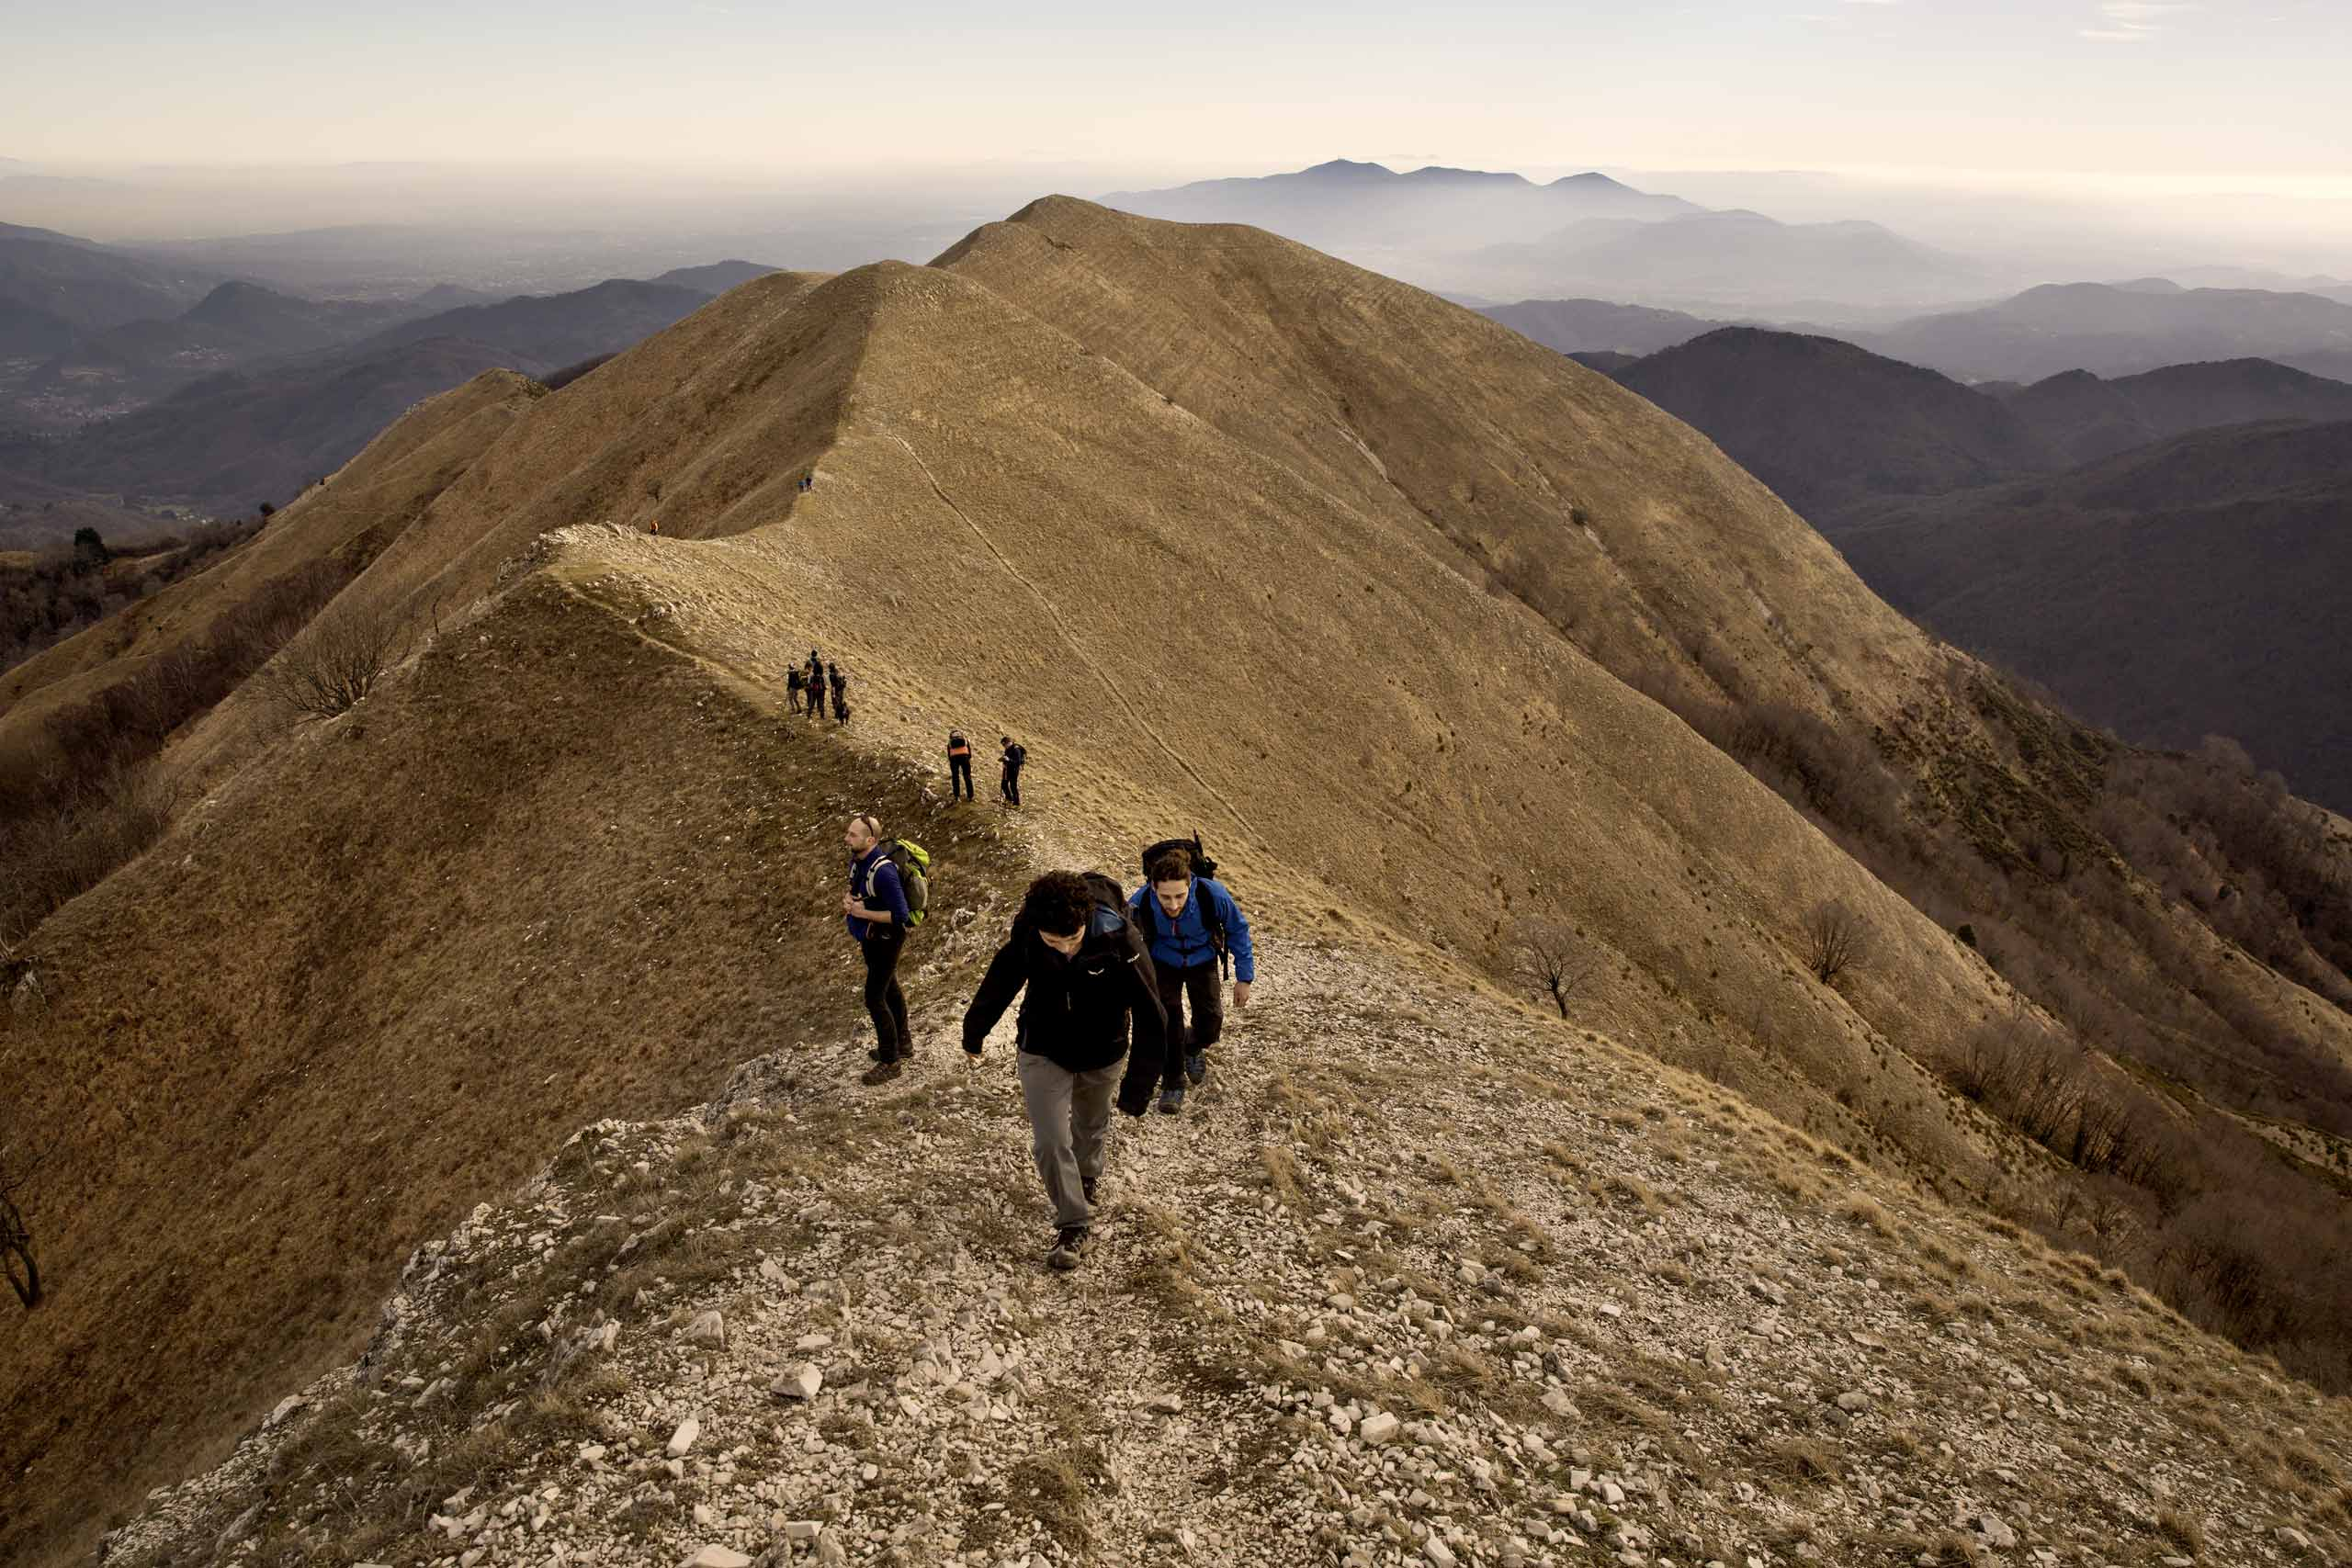 Salita al Monte Piglione dall'alpeggio di Groppa